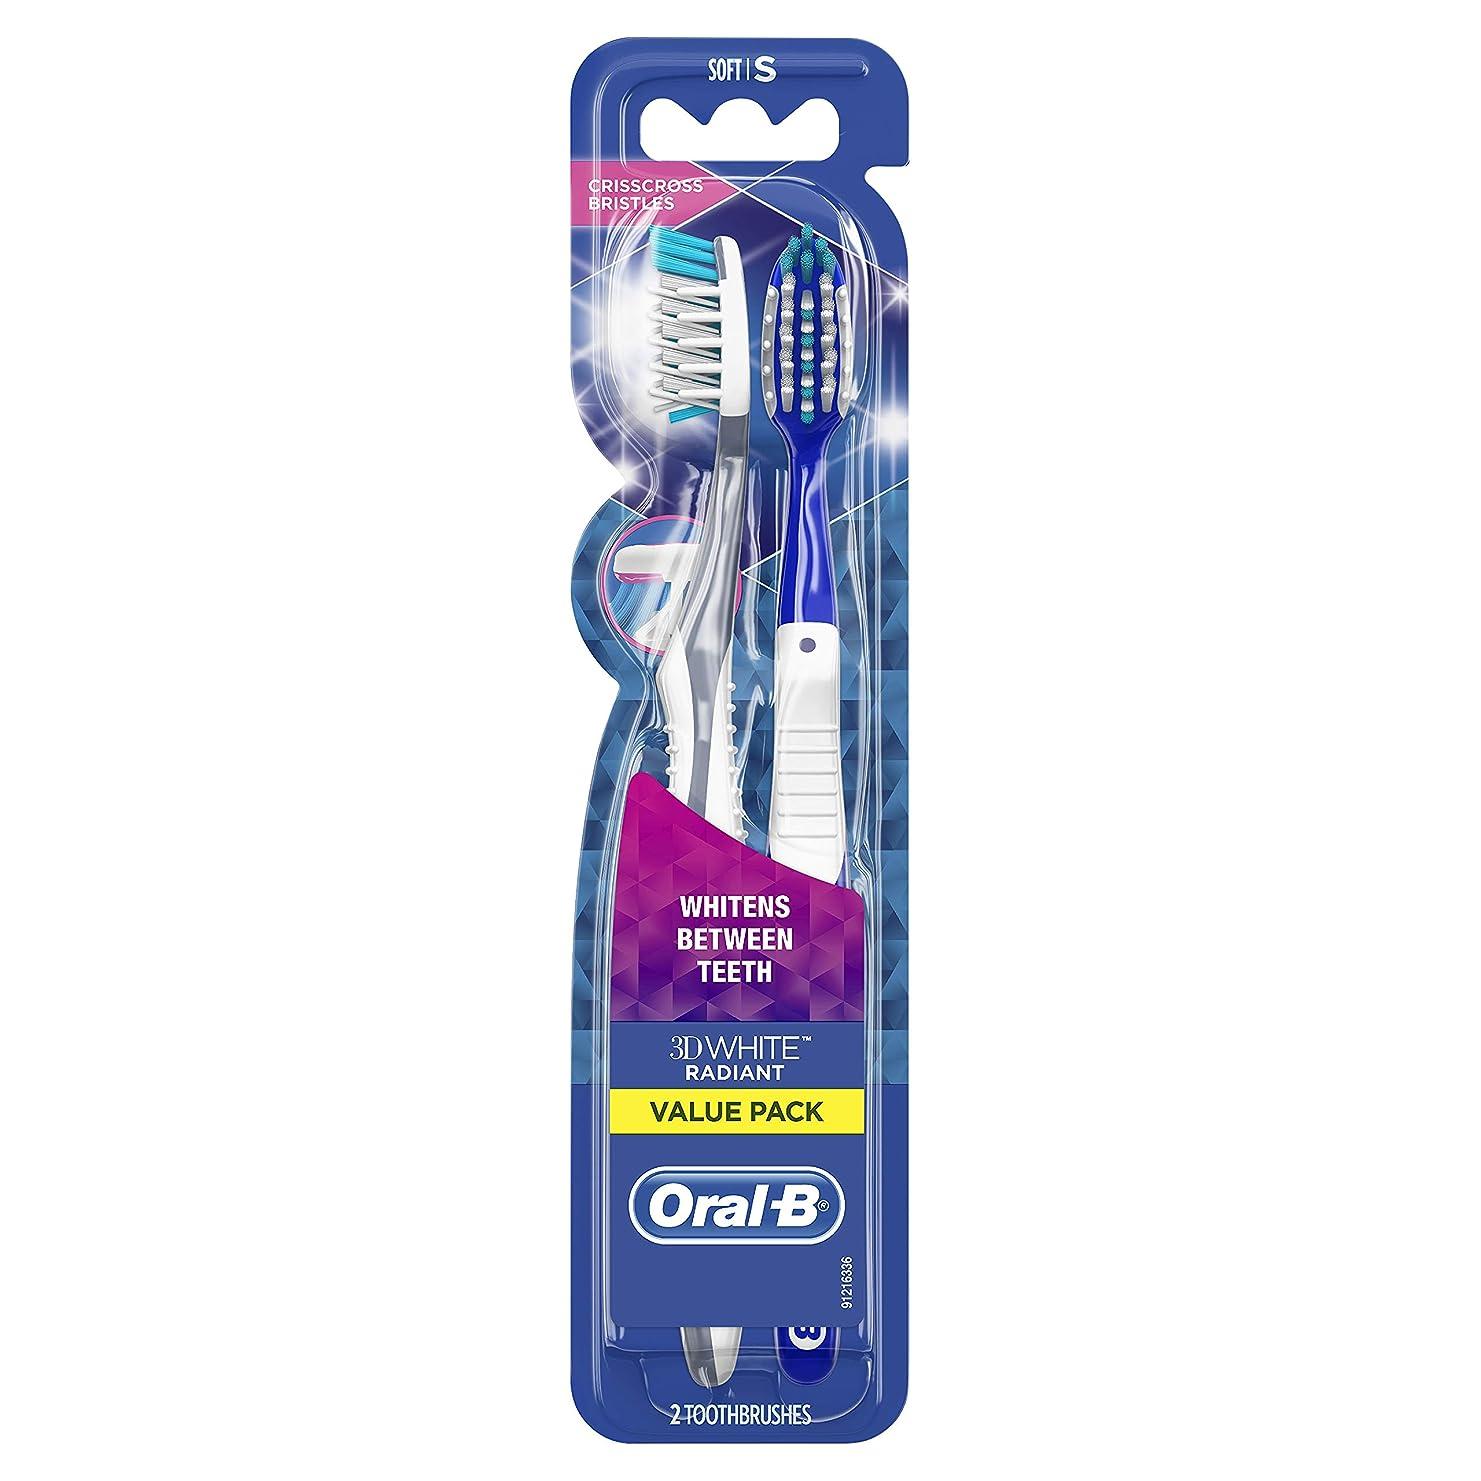 シンポジウム狐肝【Oral-B】バリューパック(2本セット)3DWHITE RADIANT歯ブラシ ソフト(色は多少異なる場合があります)